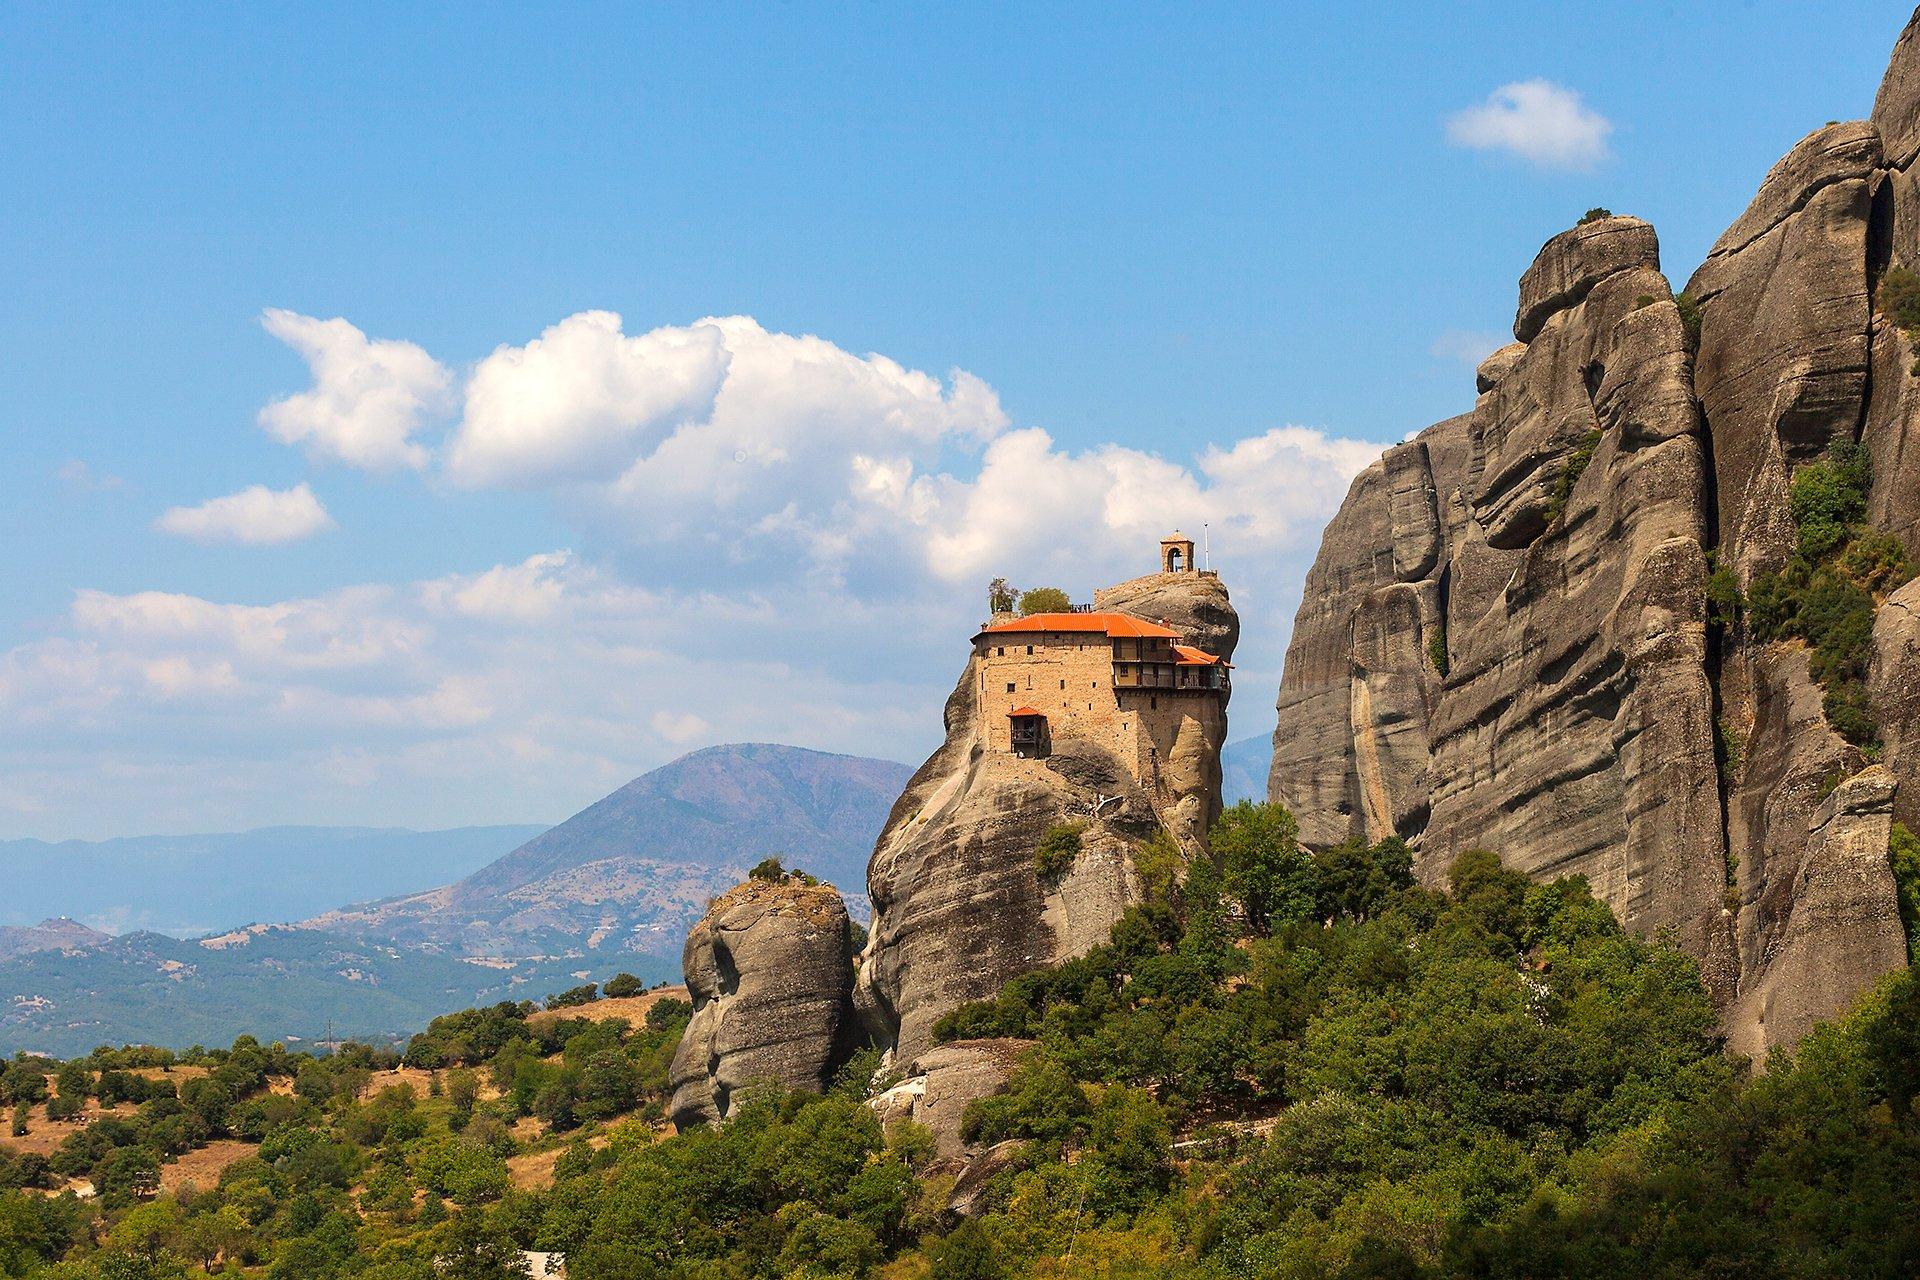 Le Meteore sono il complesso monastico ortodosso più mozzafiato d'Europa. Si trovano al centro d